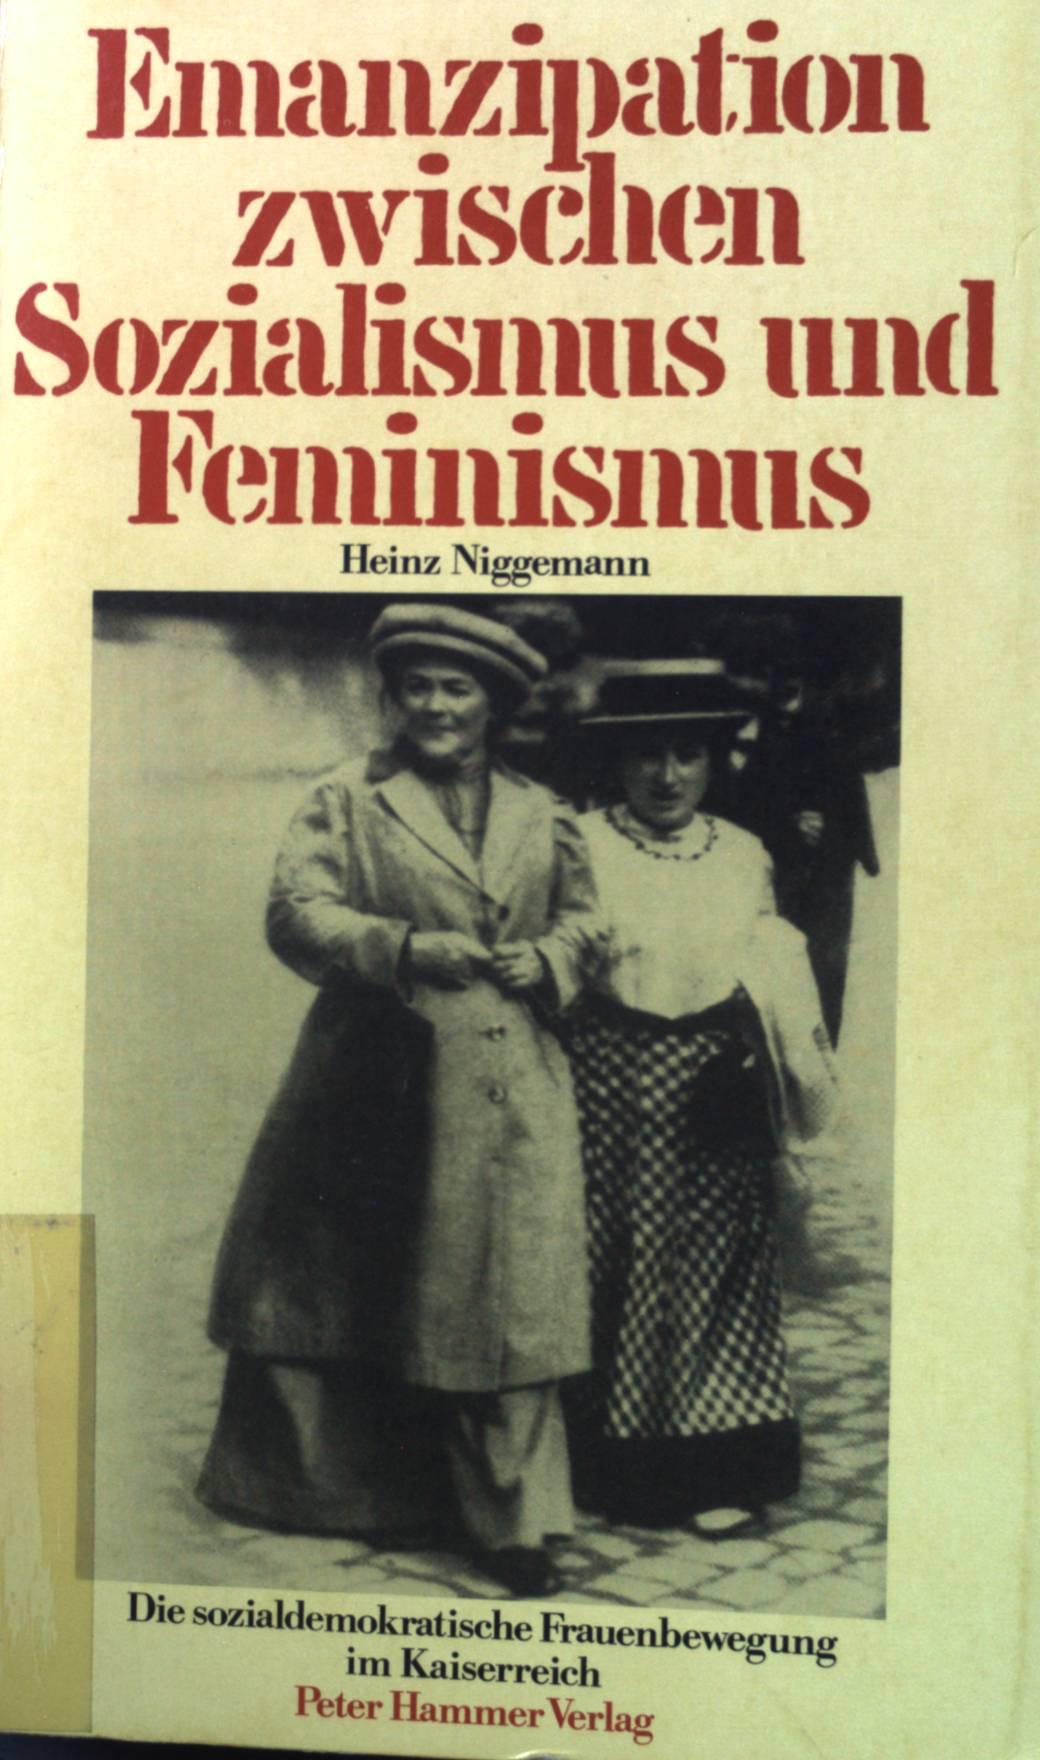 Emanzipation zwischen Sozialismus und Feminismus: Die sozialdemokratische Frauenbewegung im Kaiserreich. - Niggemann, Heinz